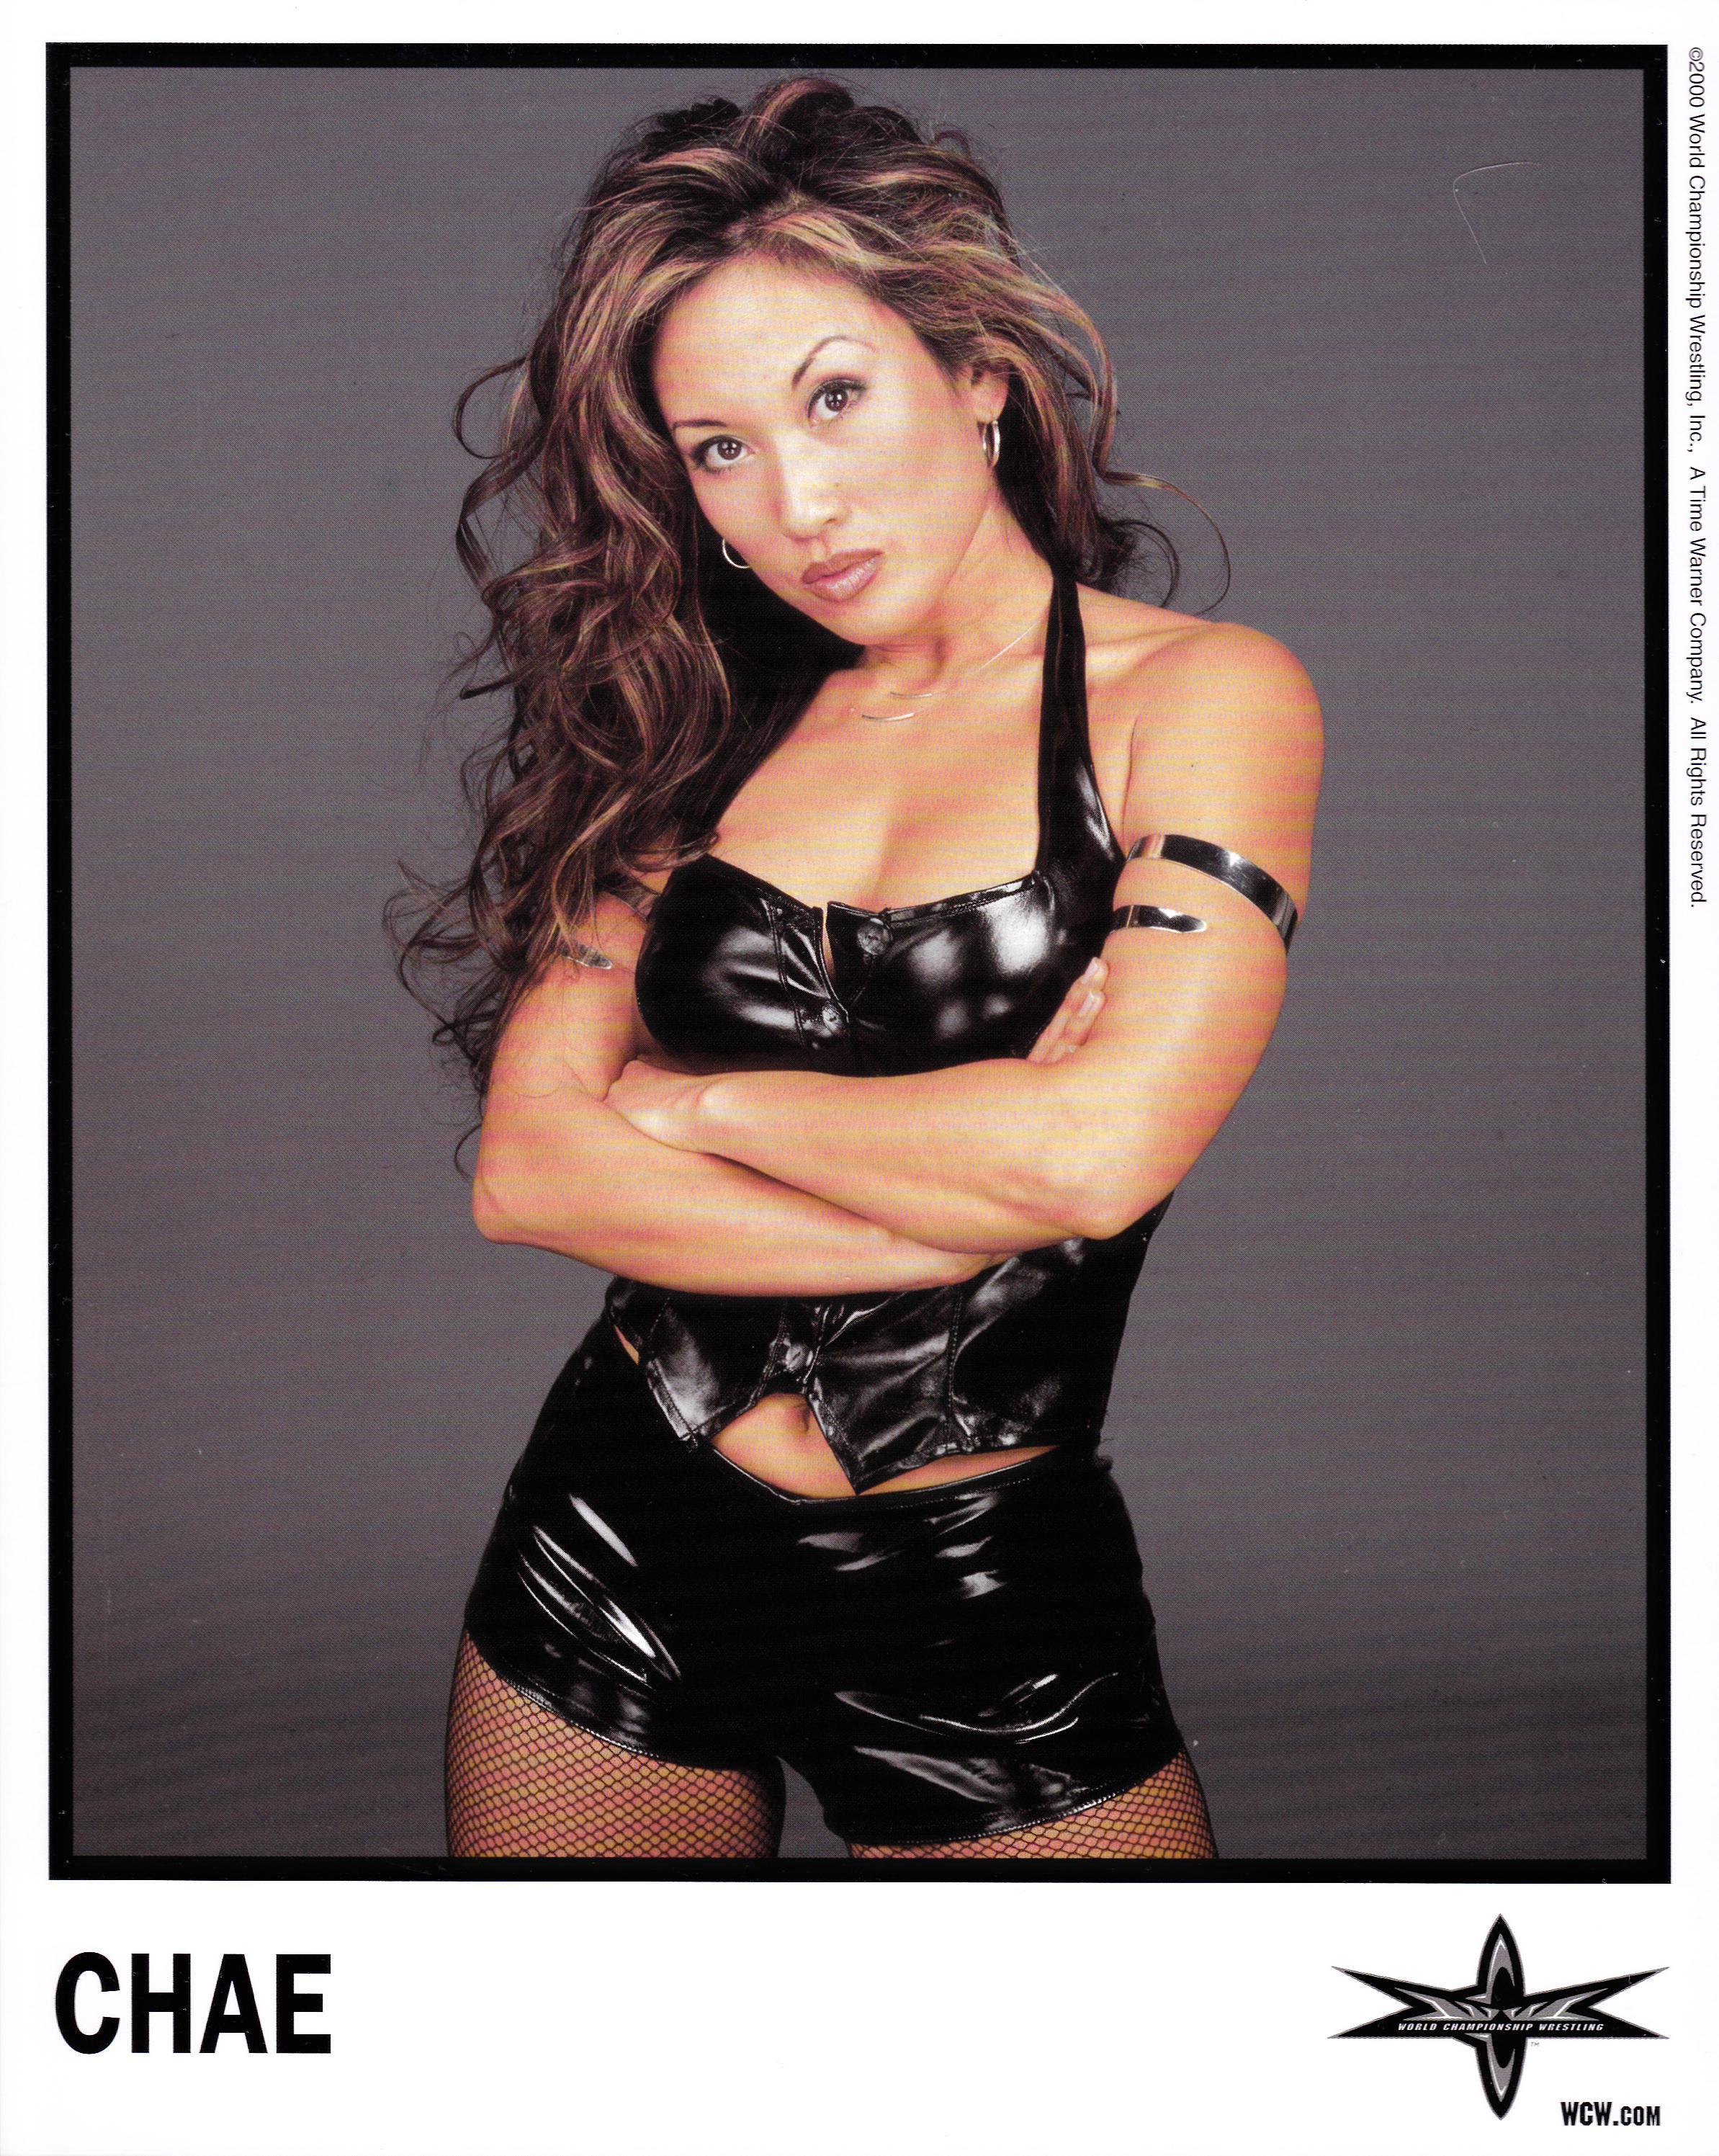 I poster delle wrestler anni 90 unotre - Porno dive anni 90 ...